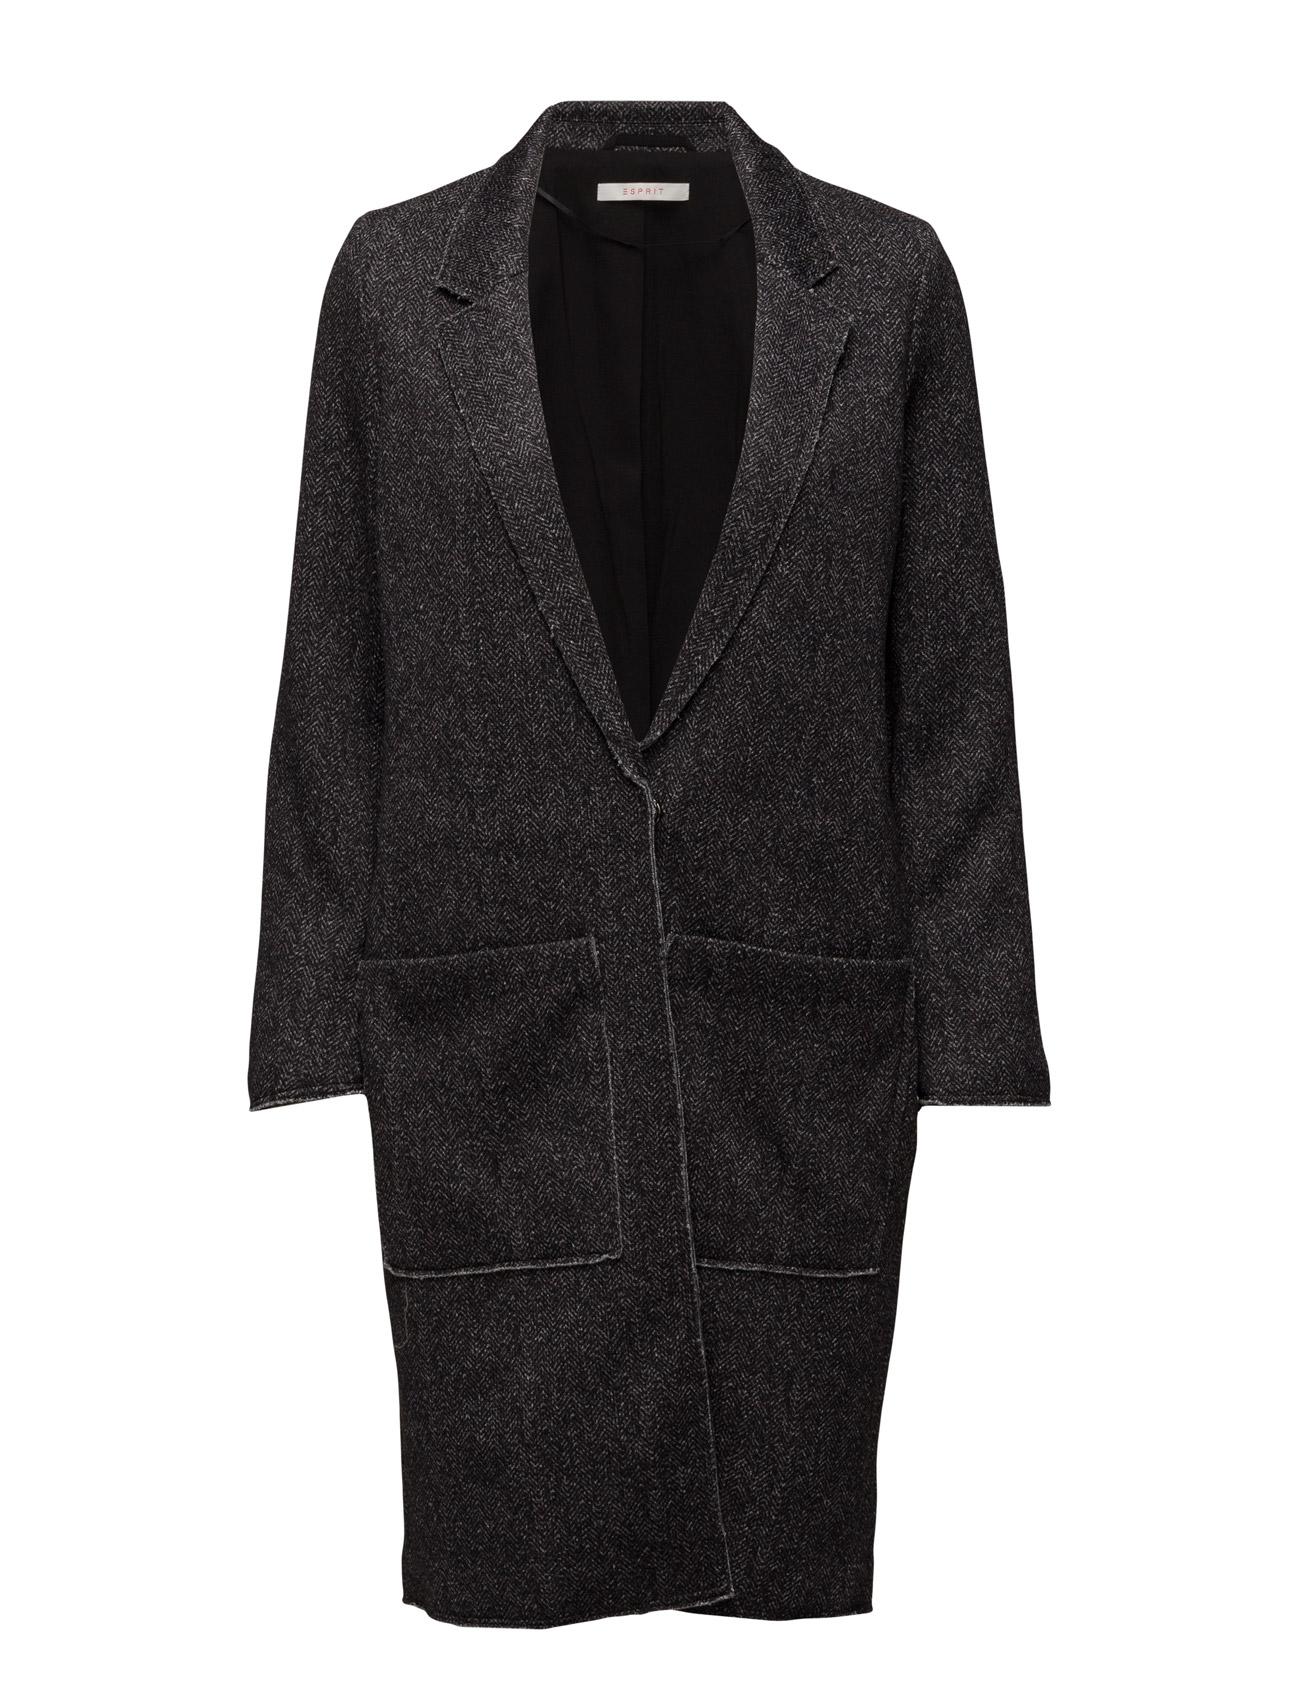 Jackets Indoor Woven Esprit Casual Frakker til Kvinder i Sort